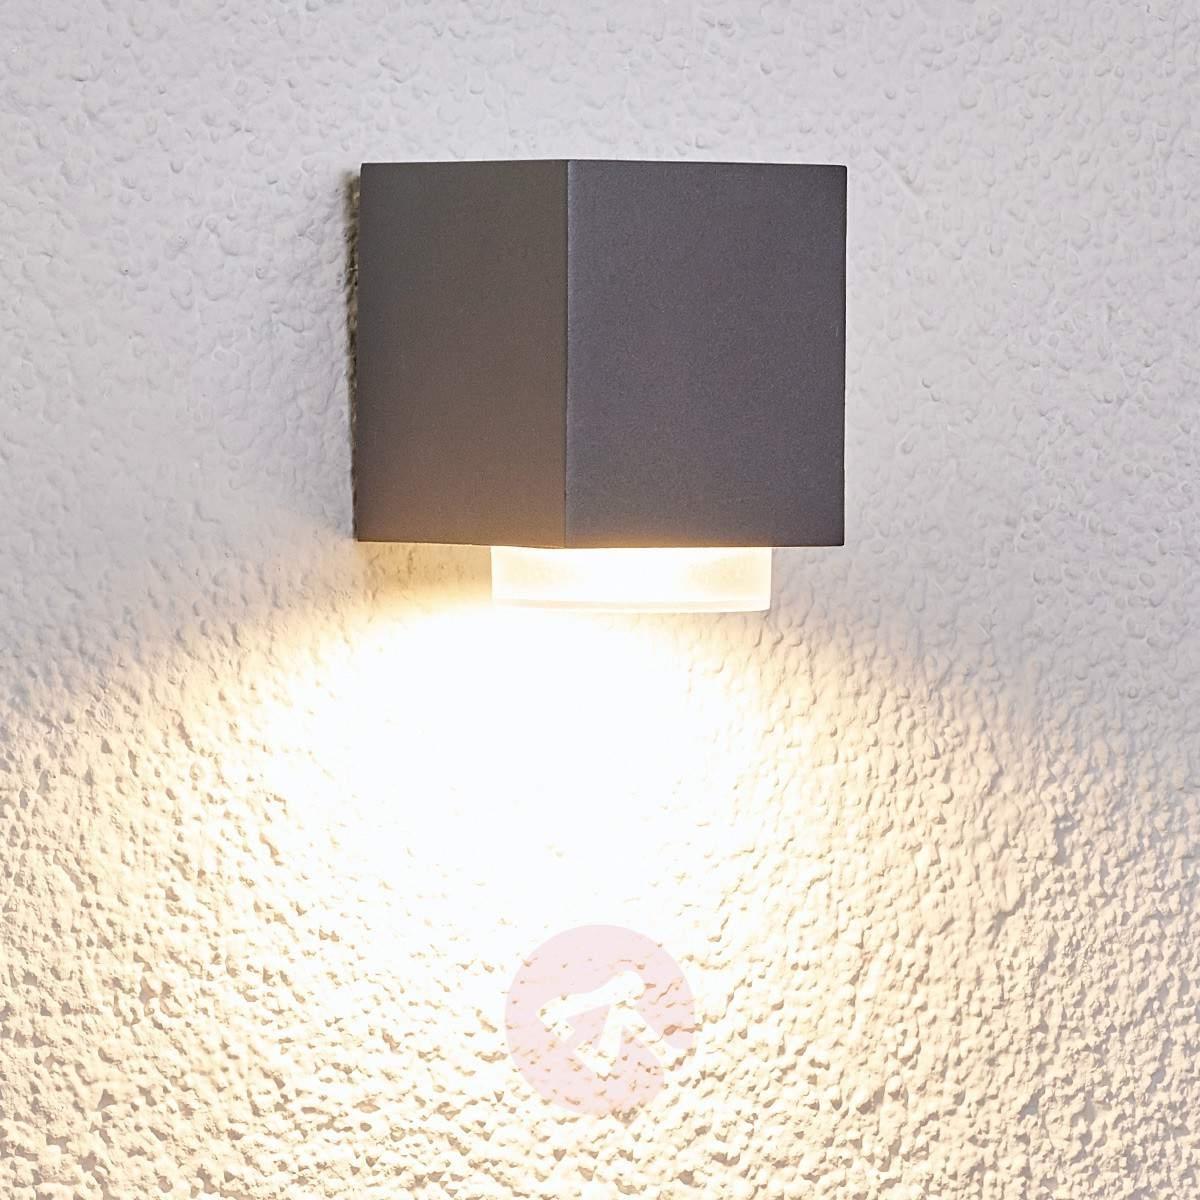 Outdoor Wall Light Jovan In Dark Grey (View 14 of 20)